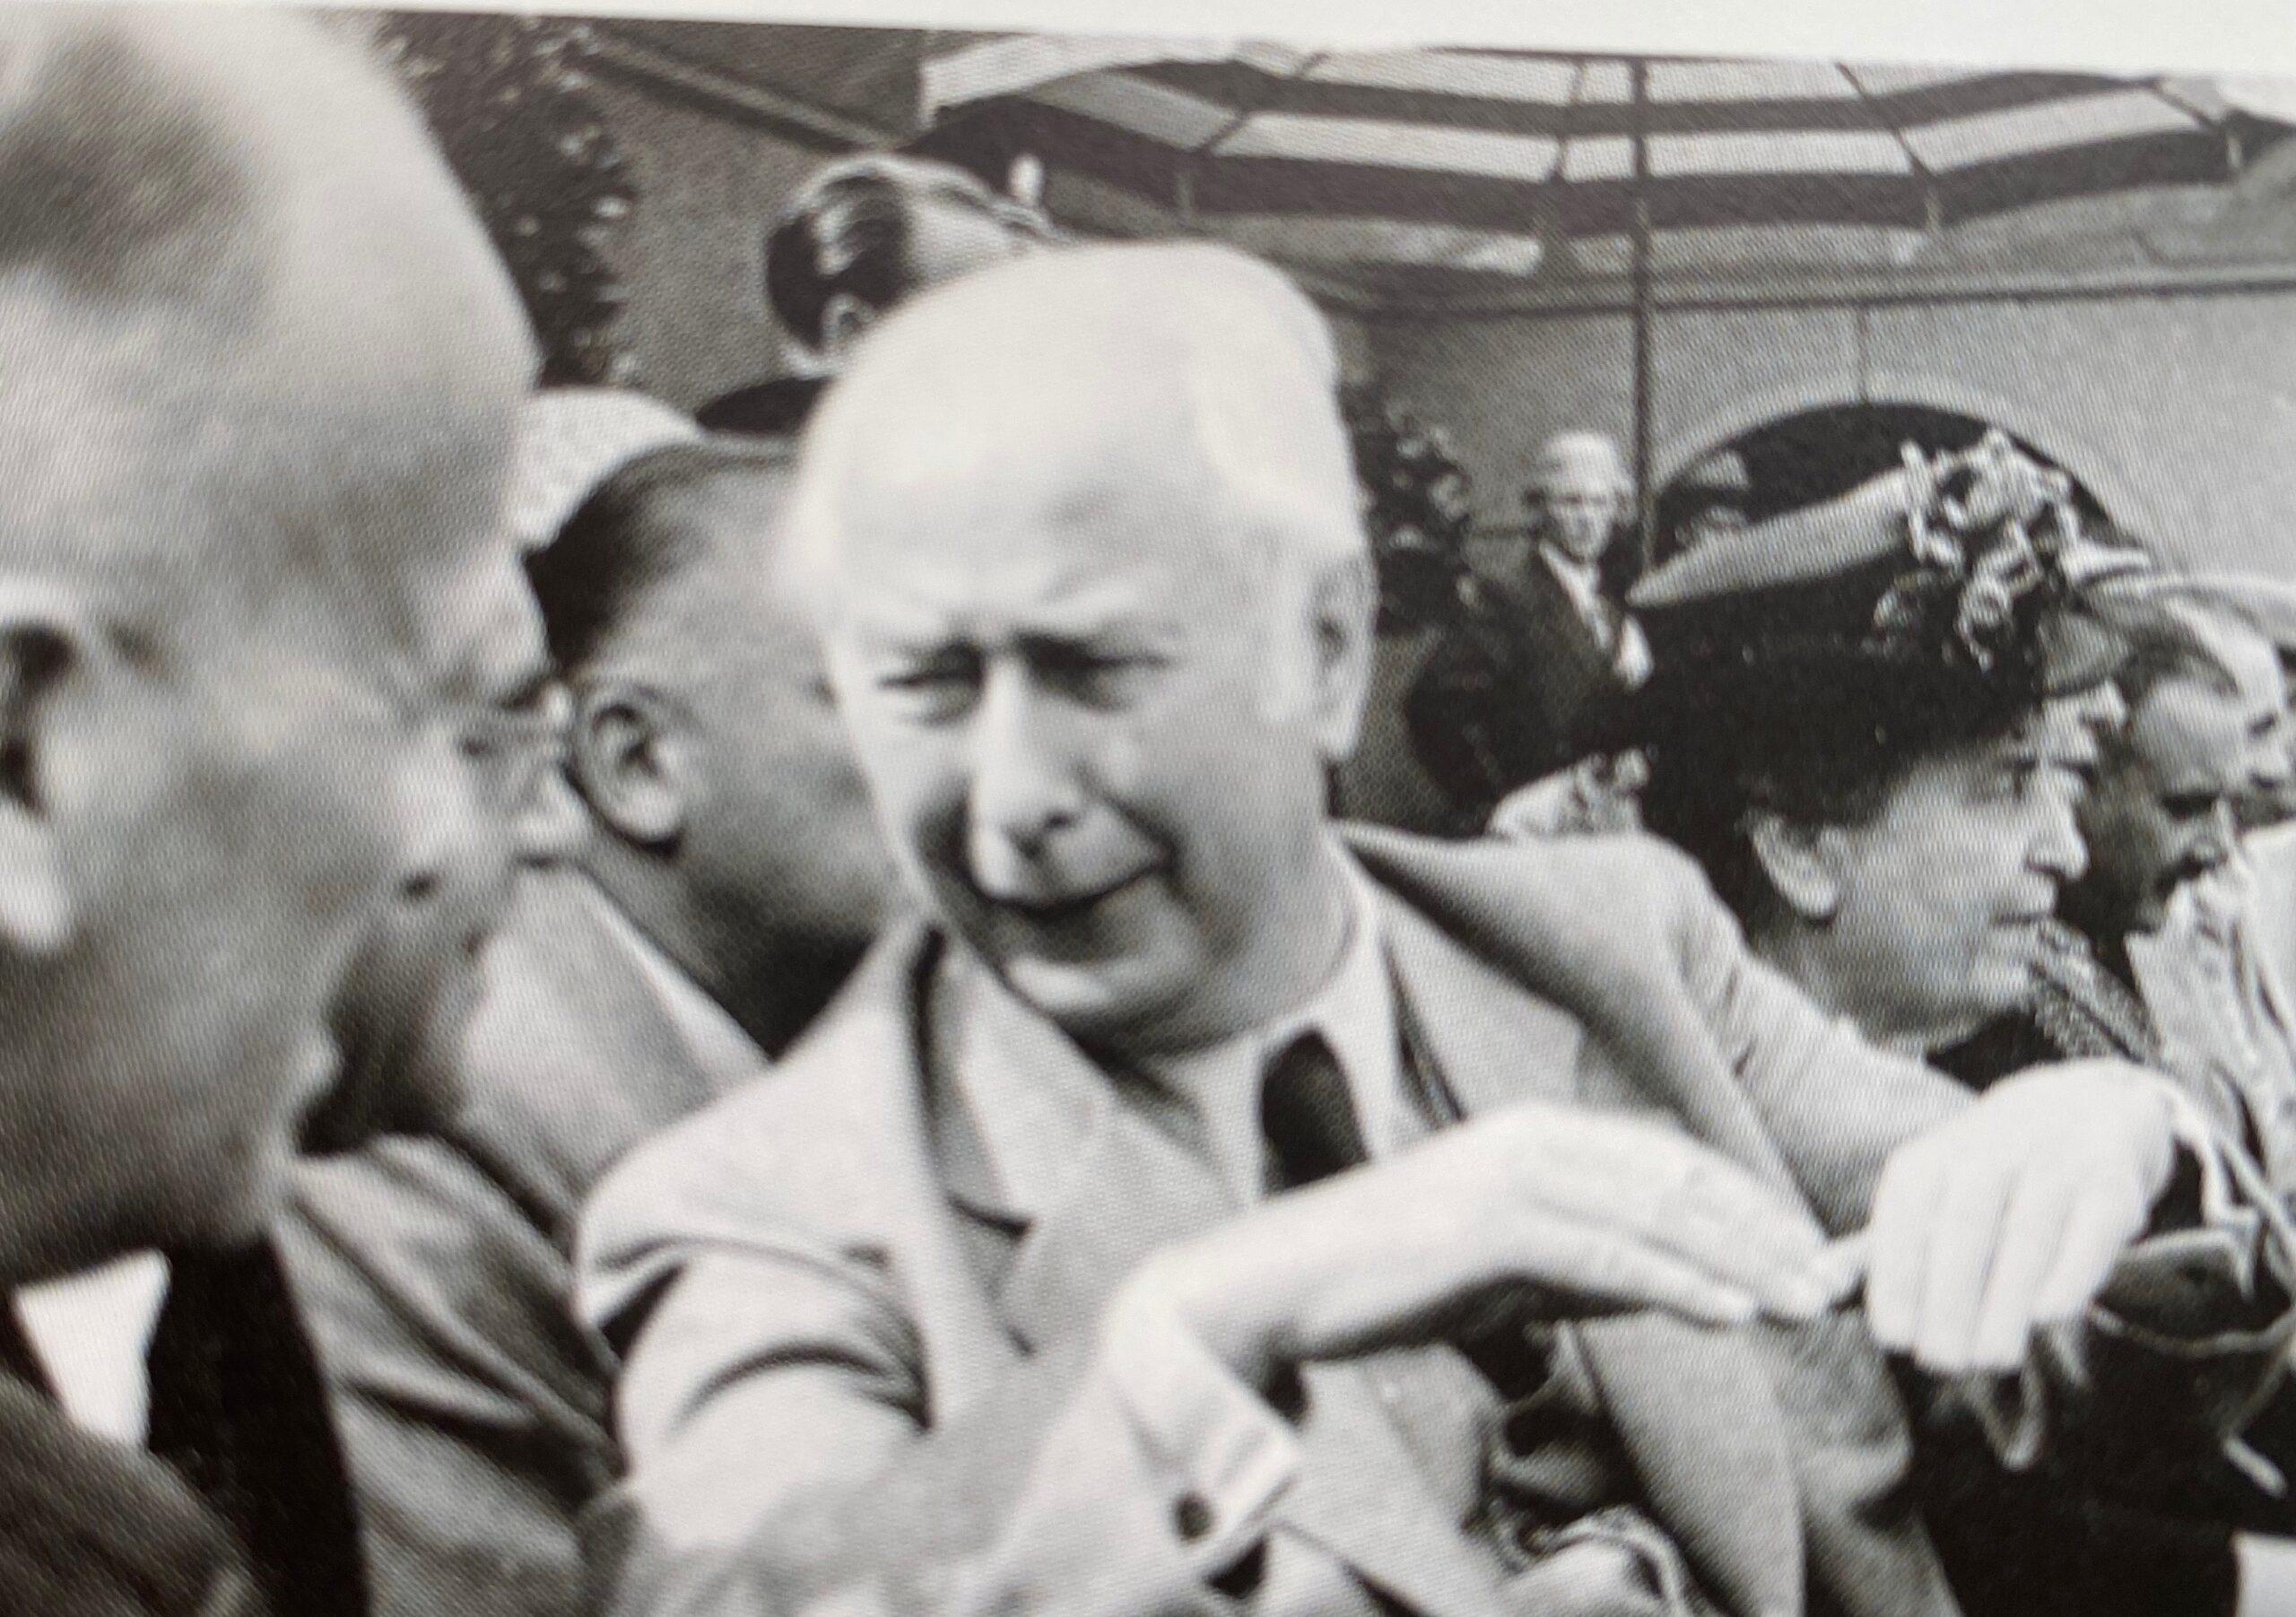 1951 Daviscupbegegnung Deutschland-Belgien vor 21.000 Zuschauern